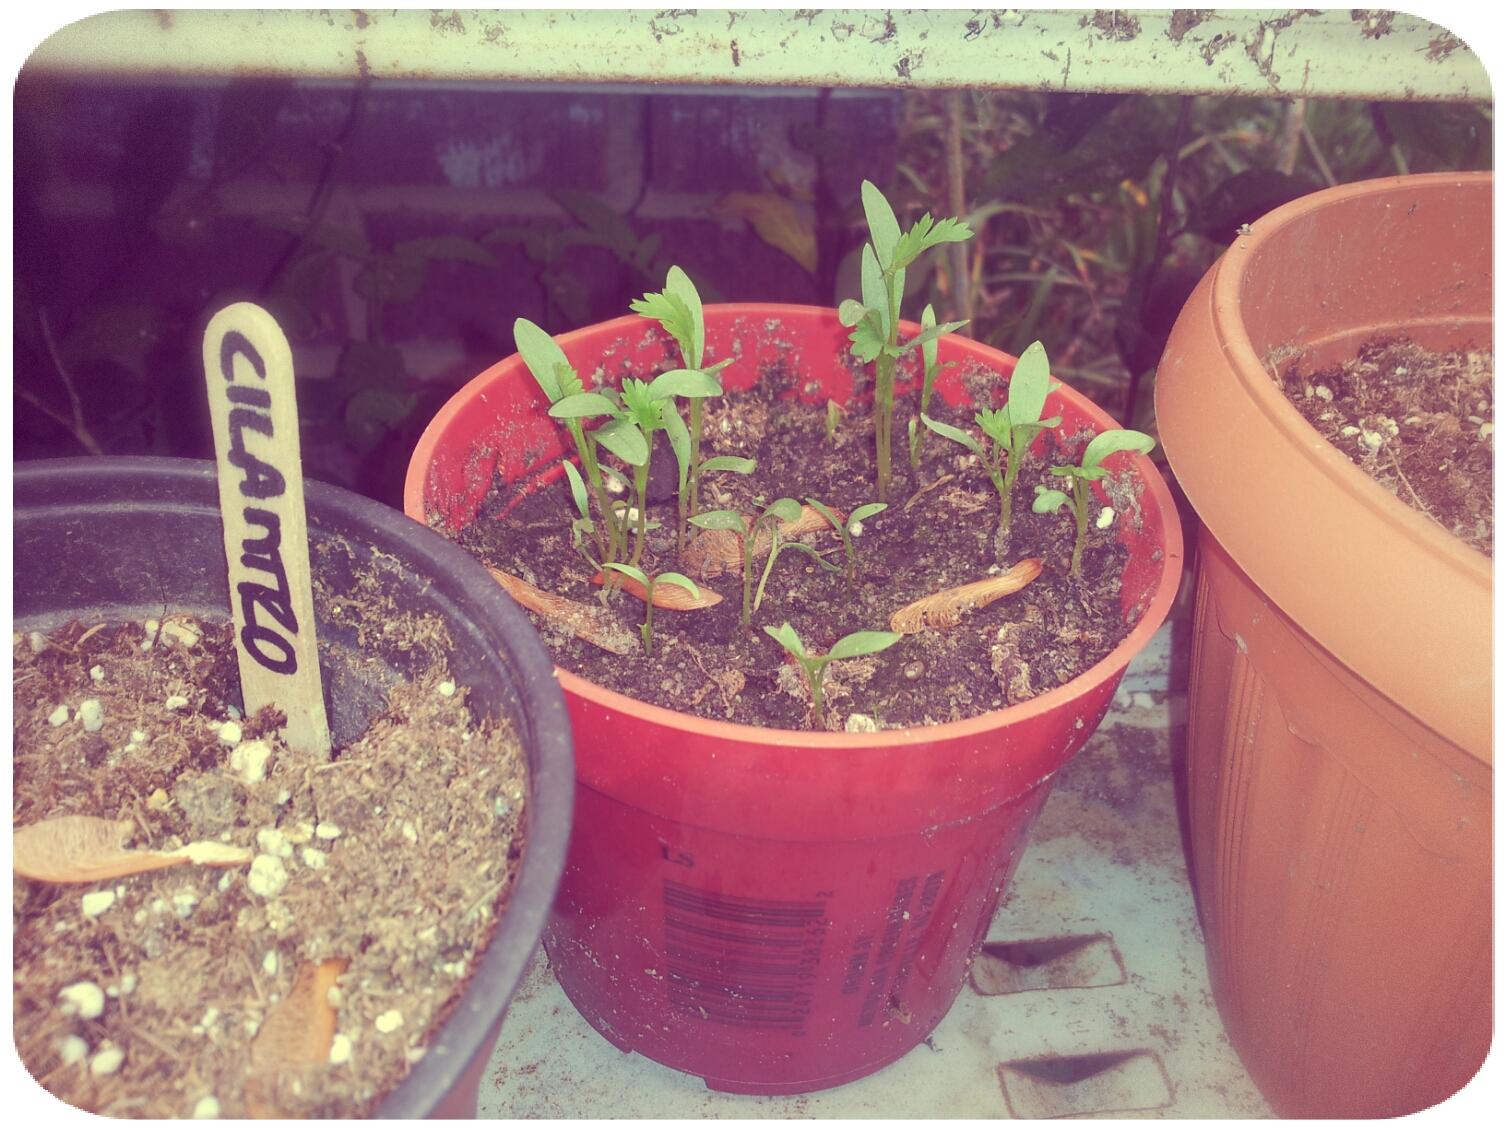 2012-03-30 13.52.09_Melissa_Round.jpg